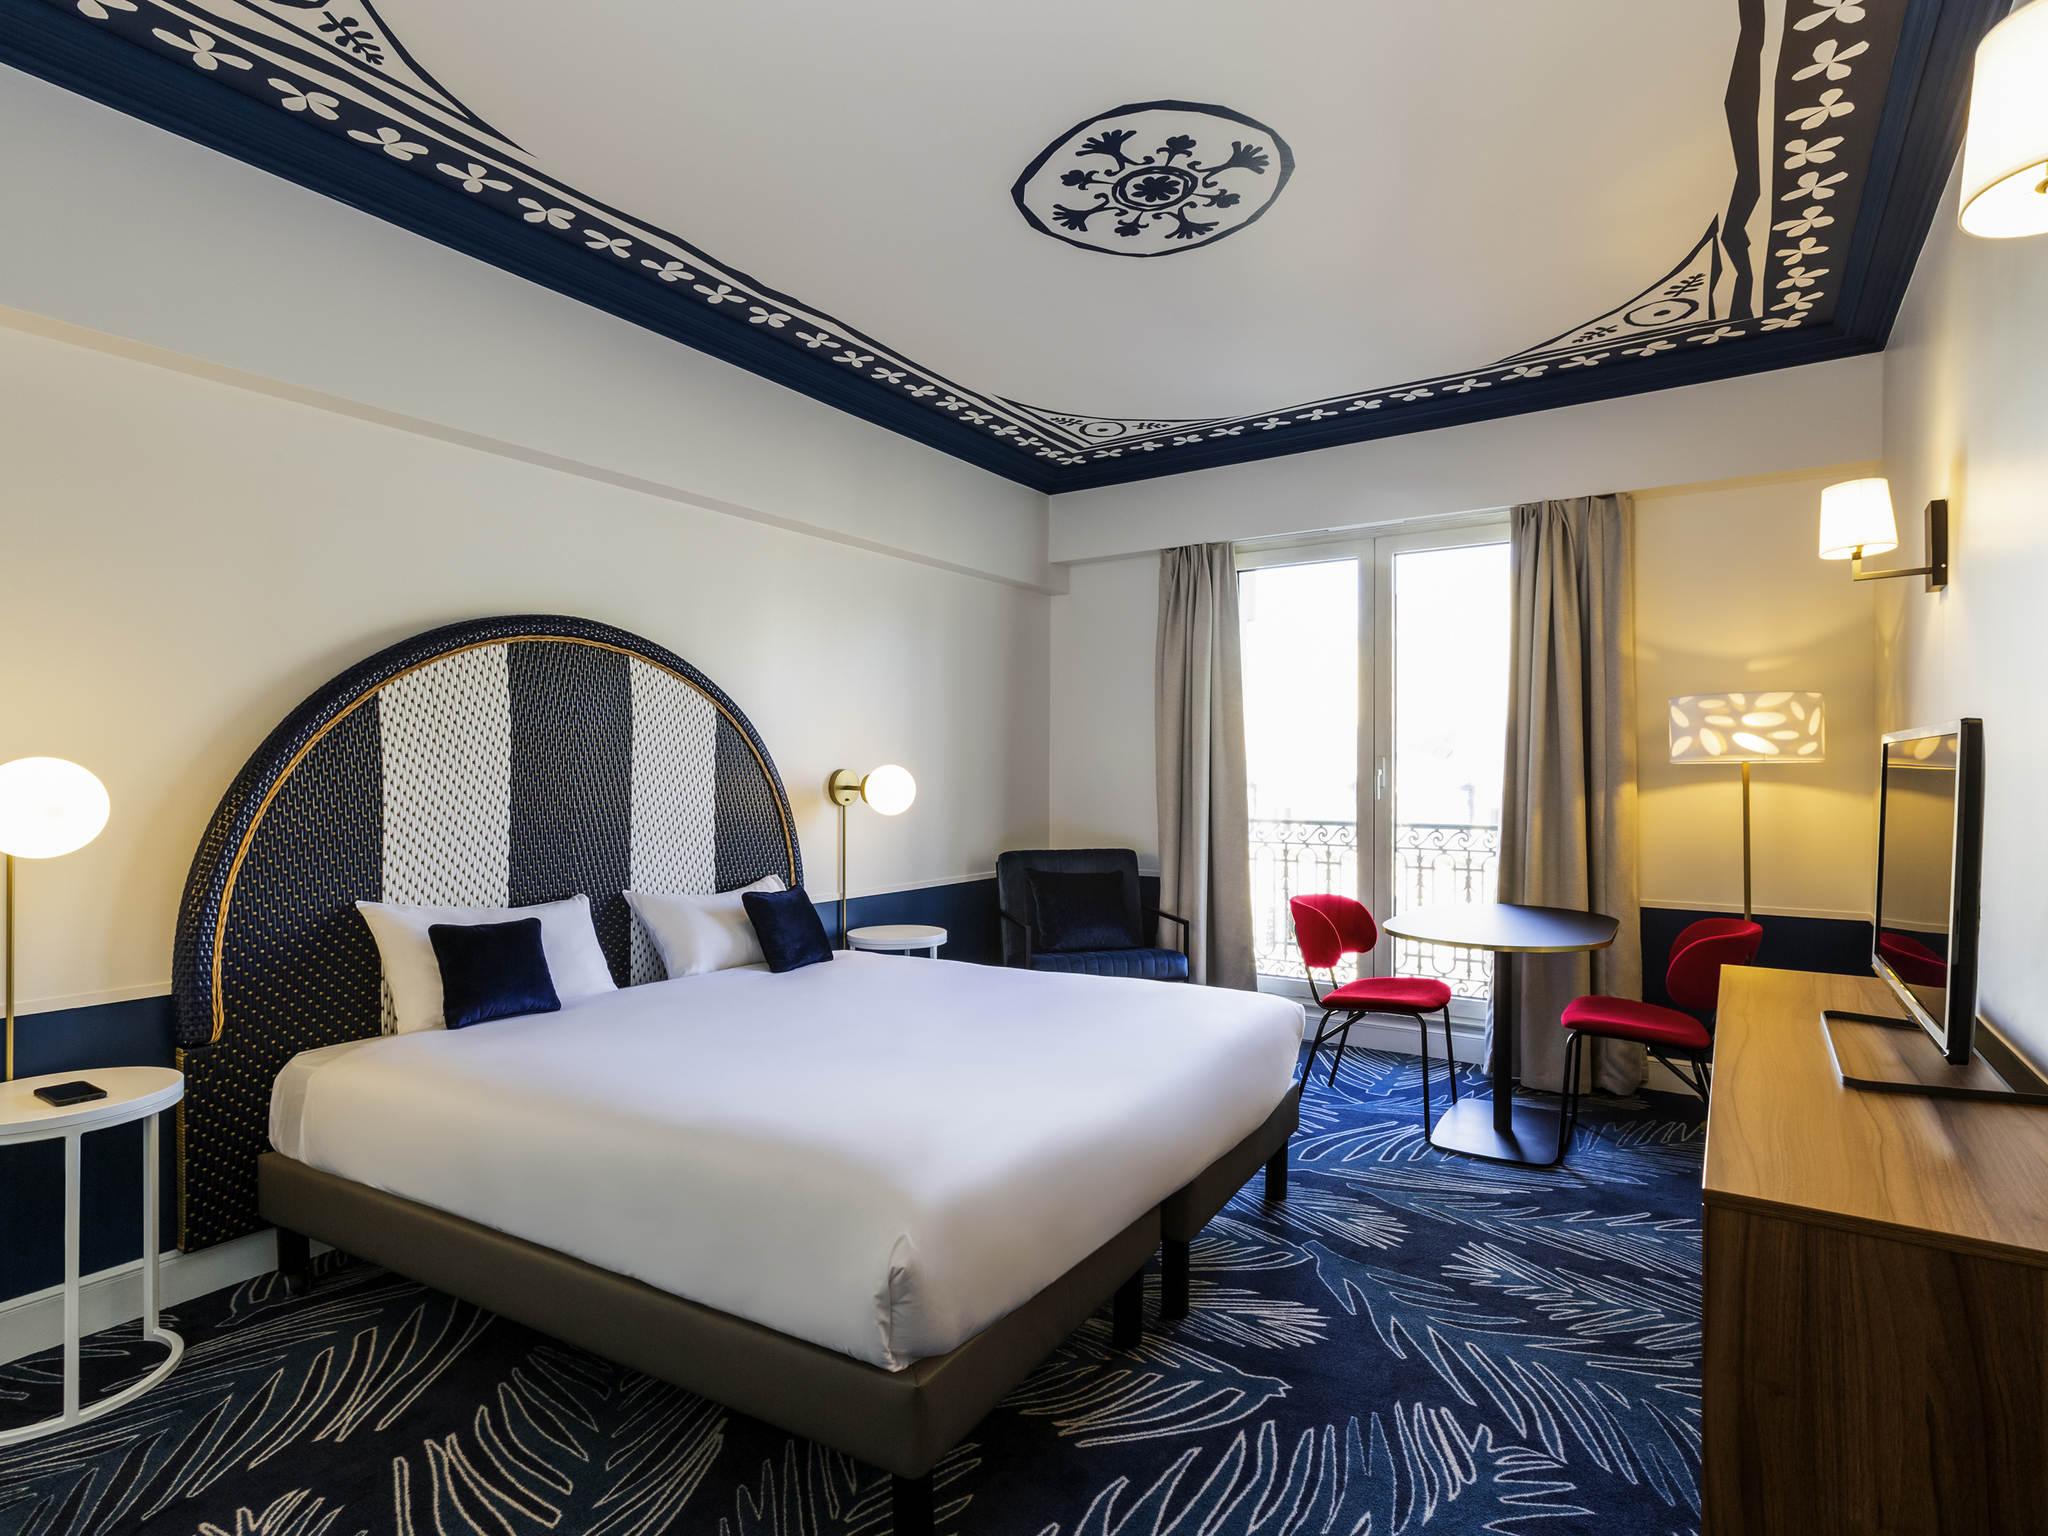 فندق - أداجيو Aparthotel Adagio باريس هوسمان